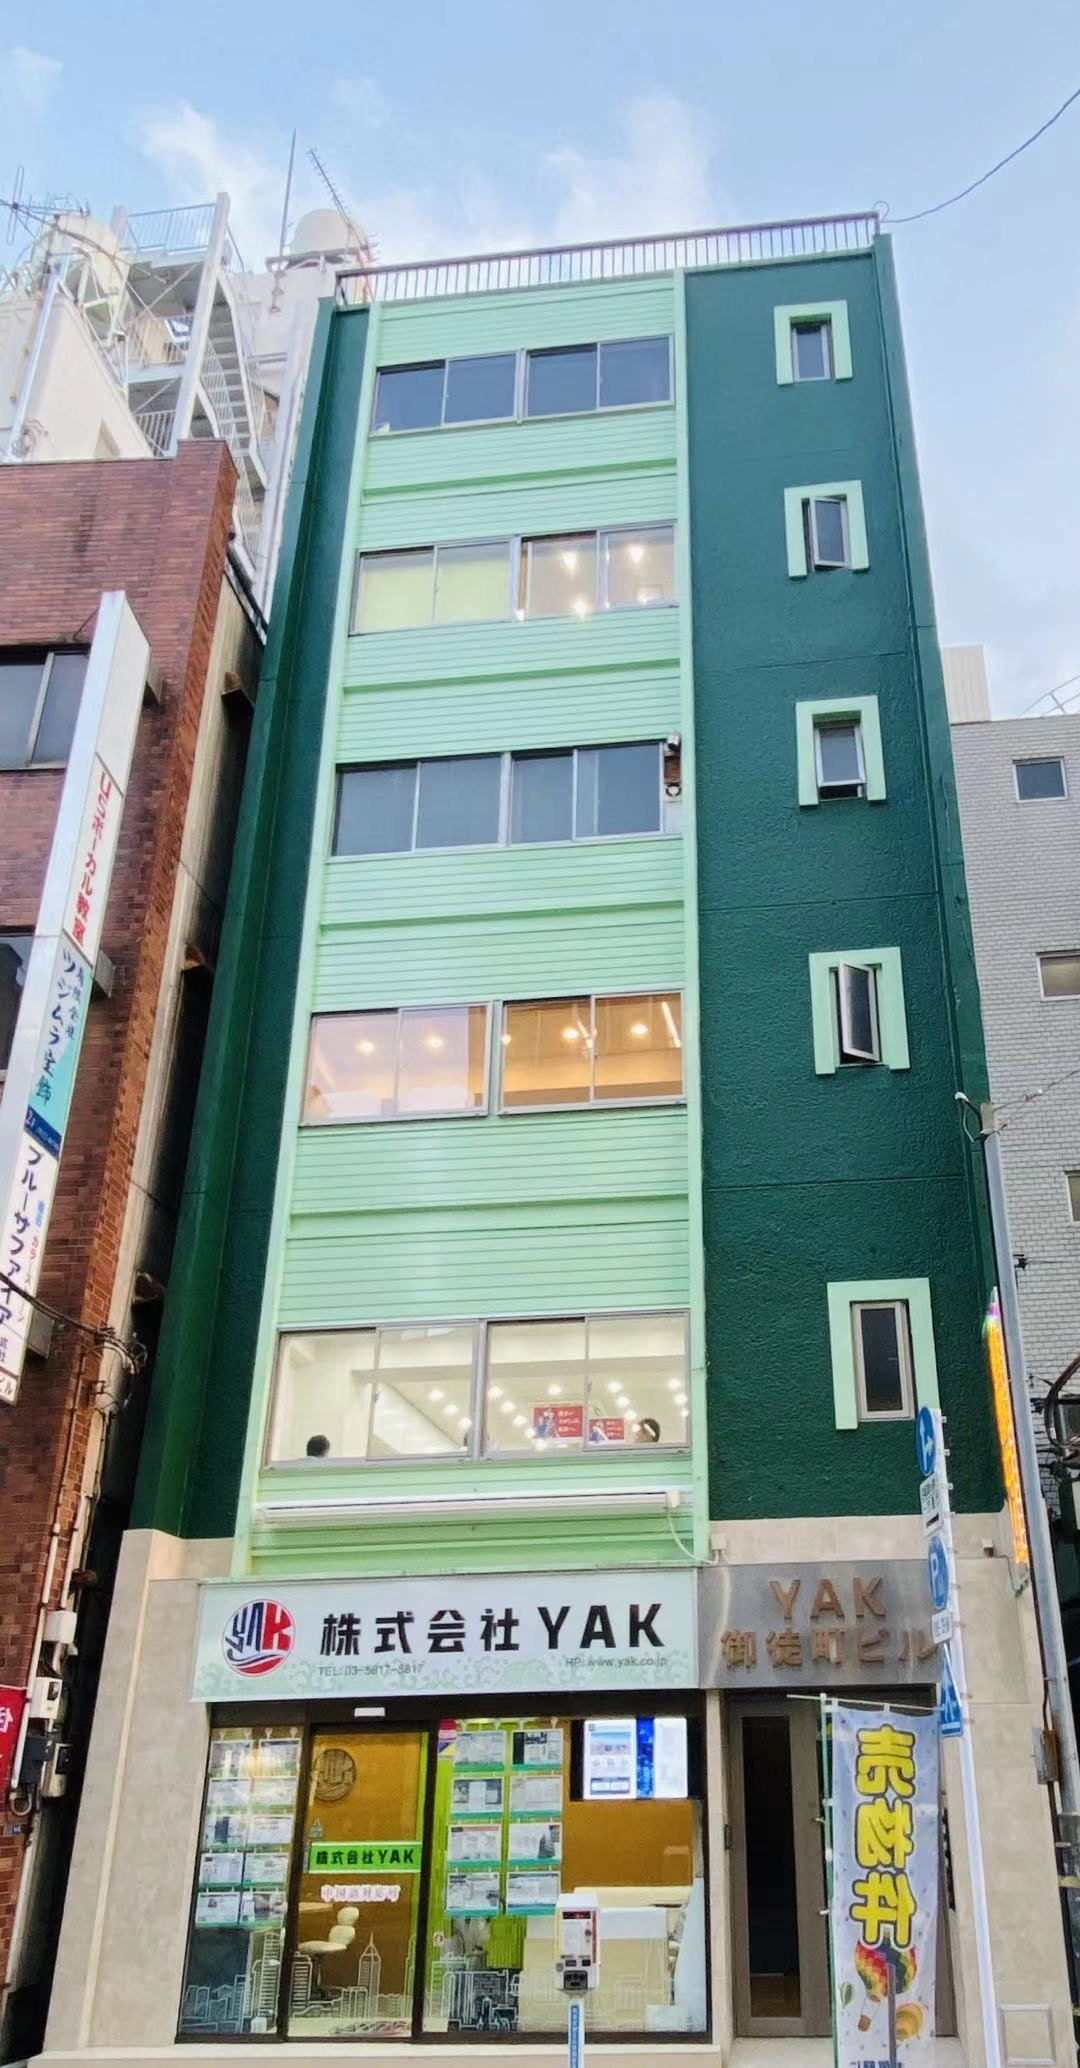 外国人购房成日本经济催化剂